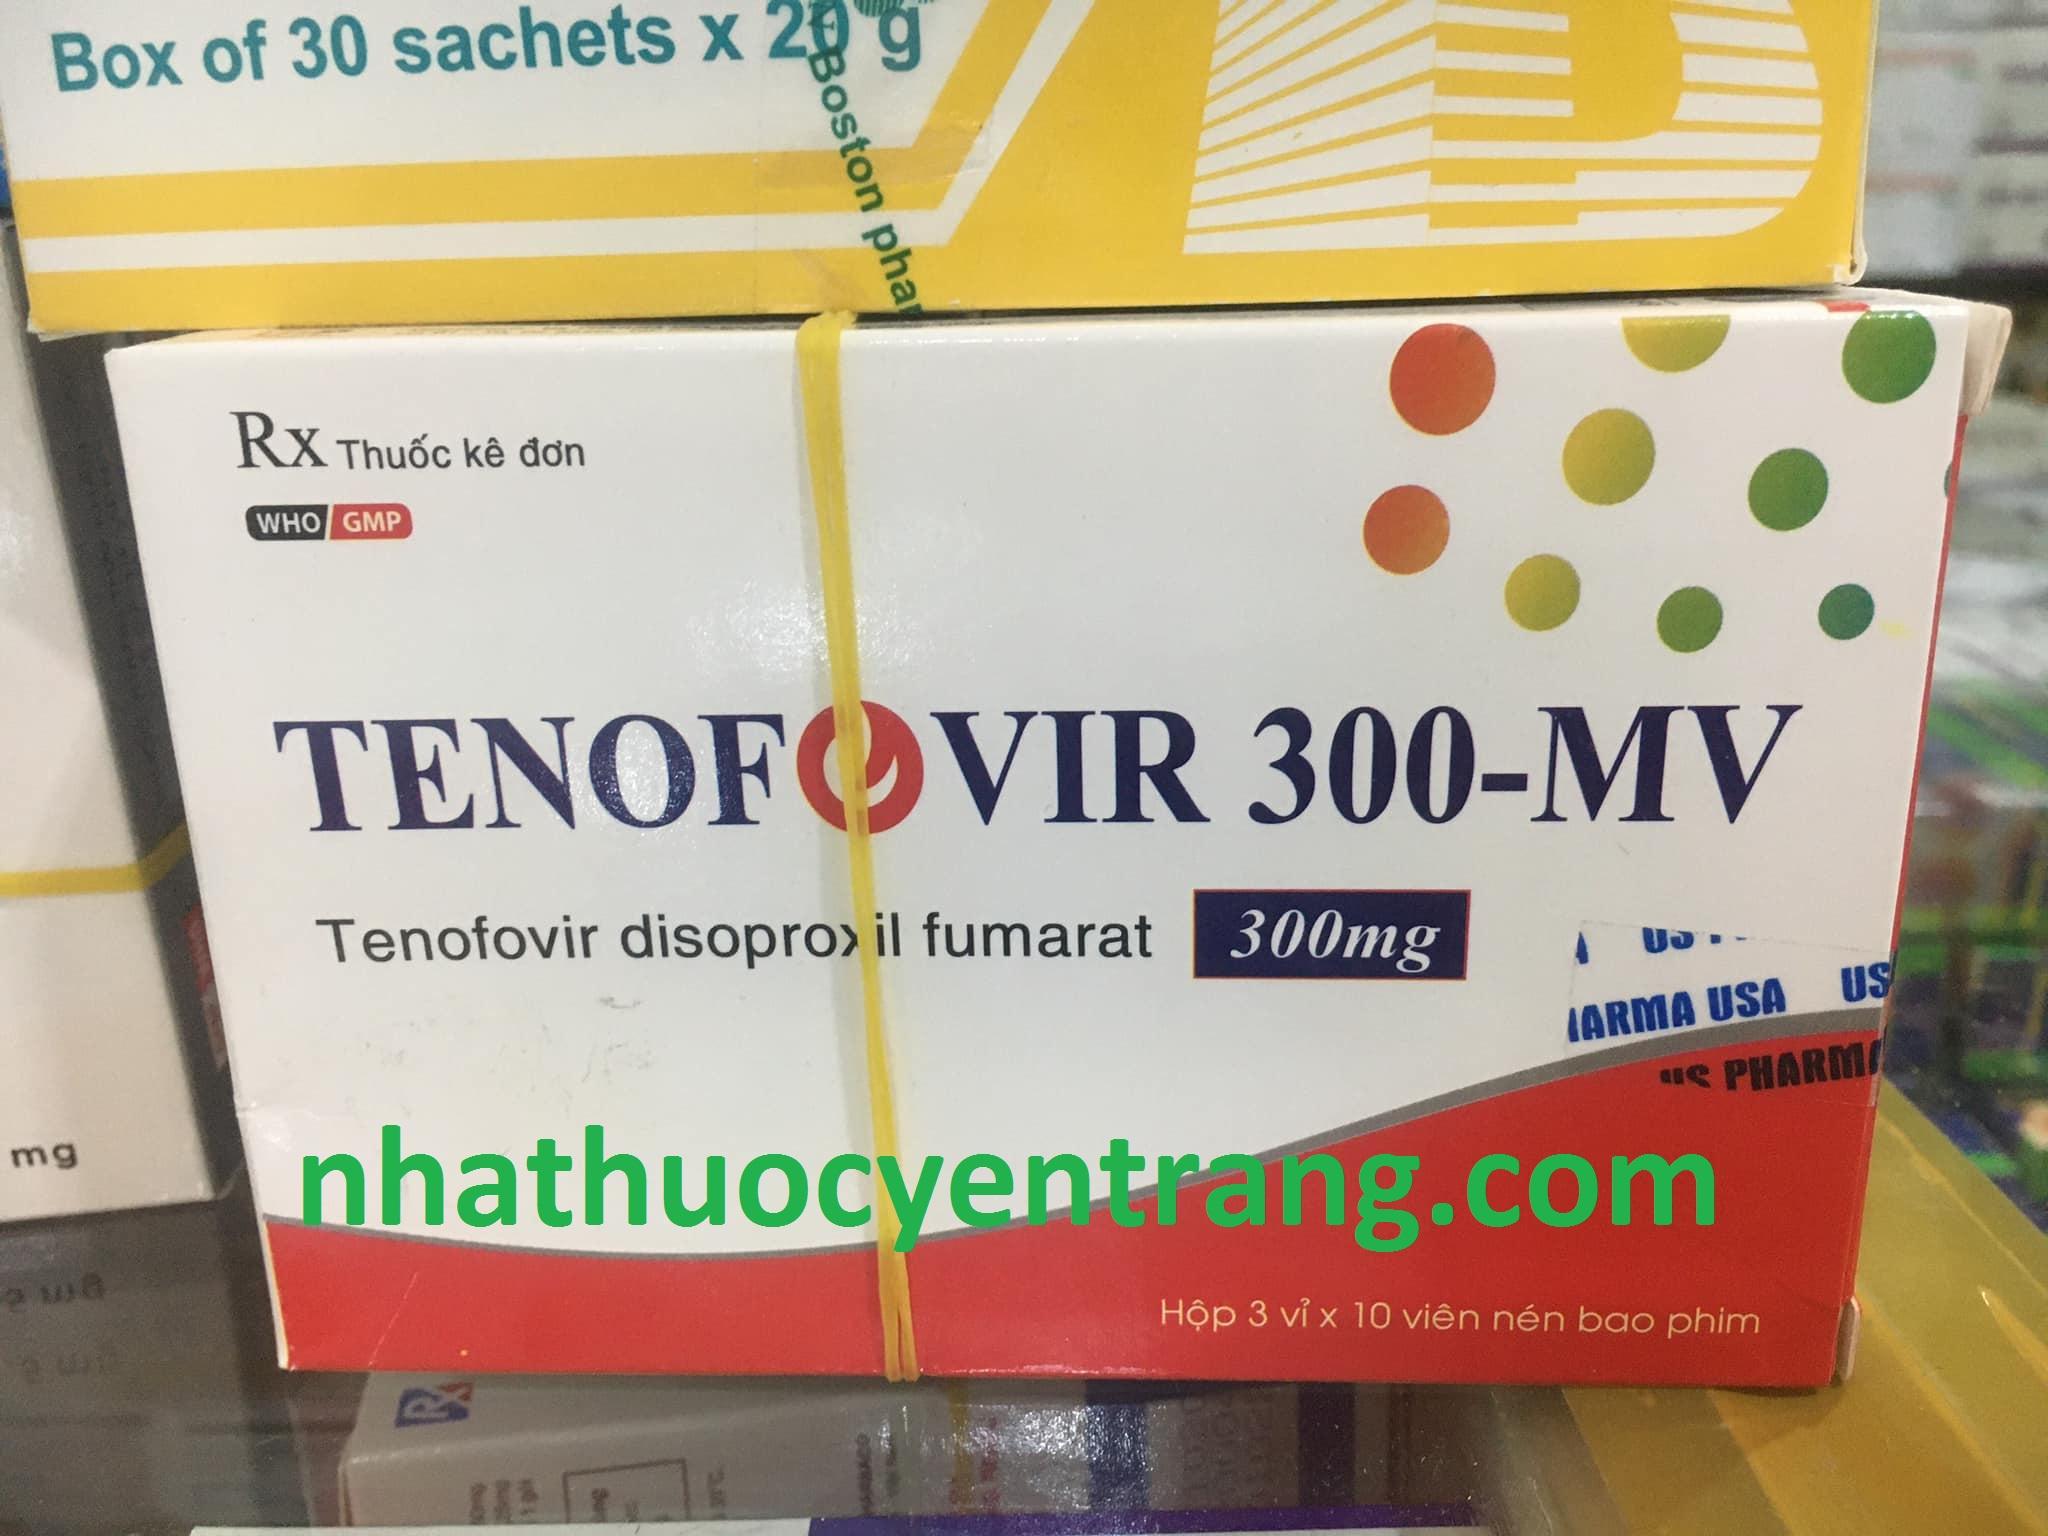 Tenofovir 300 - MV